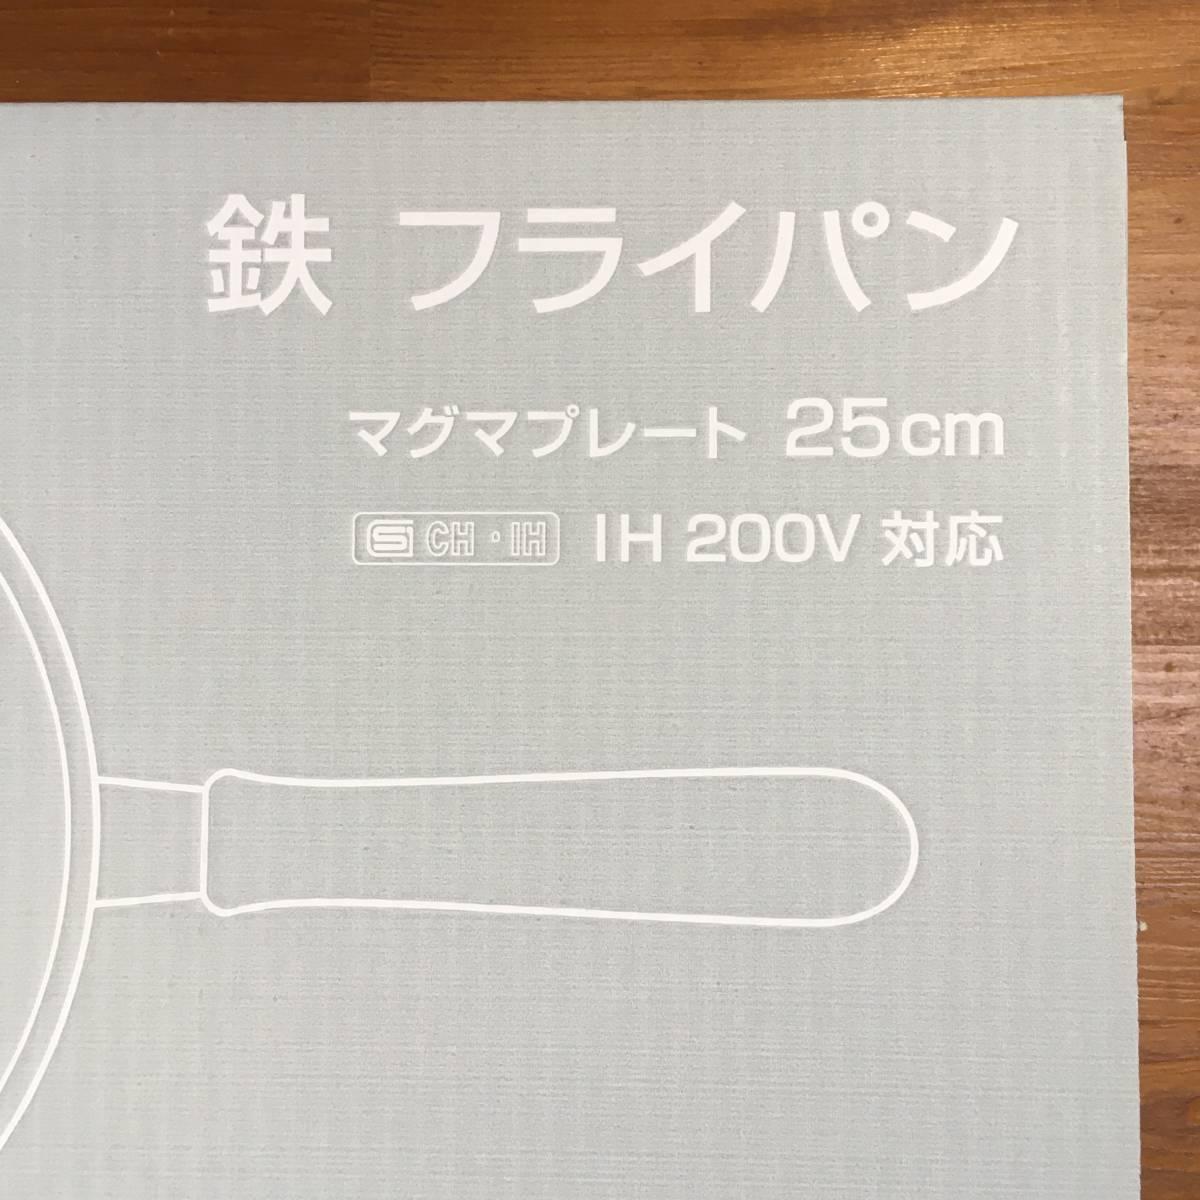 【送料無料】柳宗理 鉄フライパン マグマプレート 25cm 蓋付き IHガス火兼用 SORI YANAGI